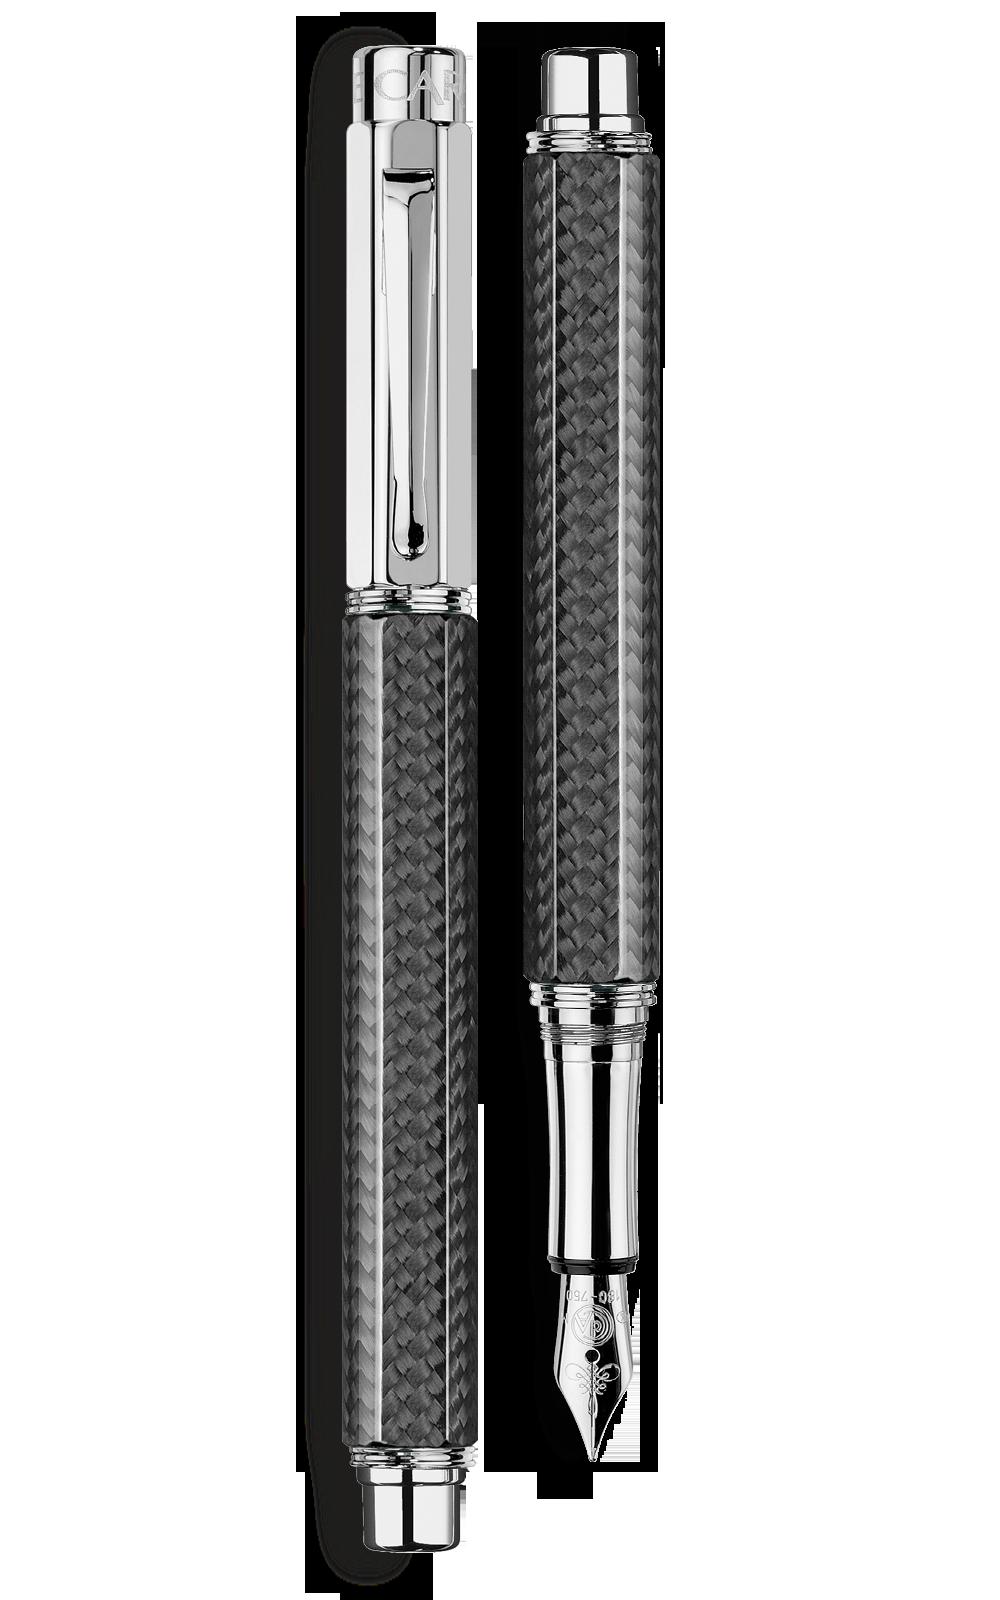 Bút máy VARIUS CARBON silver-plated, rhodium-coated